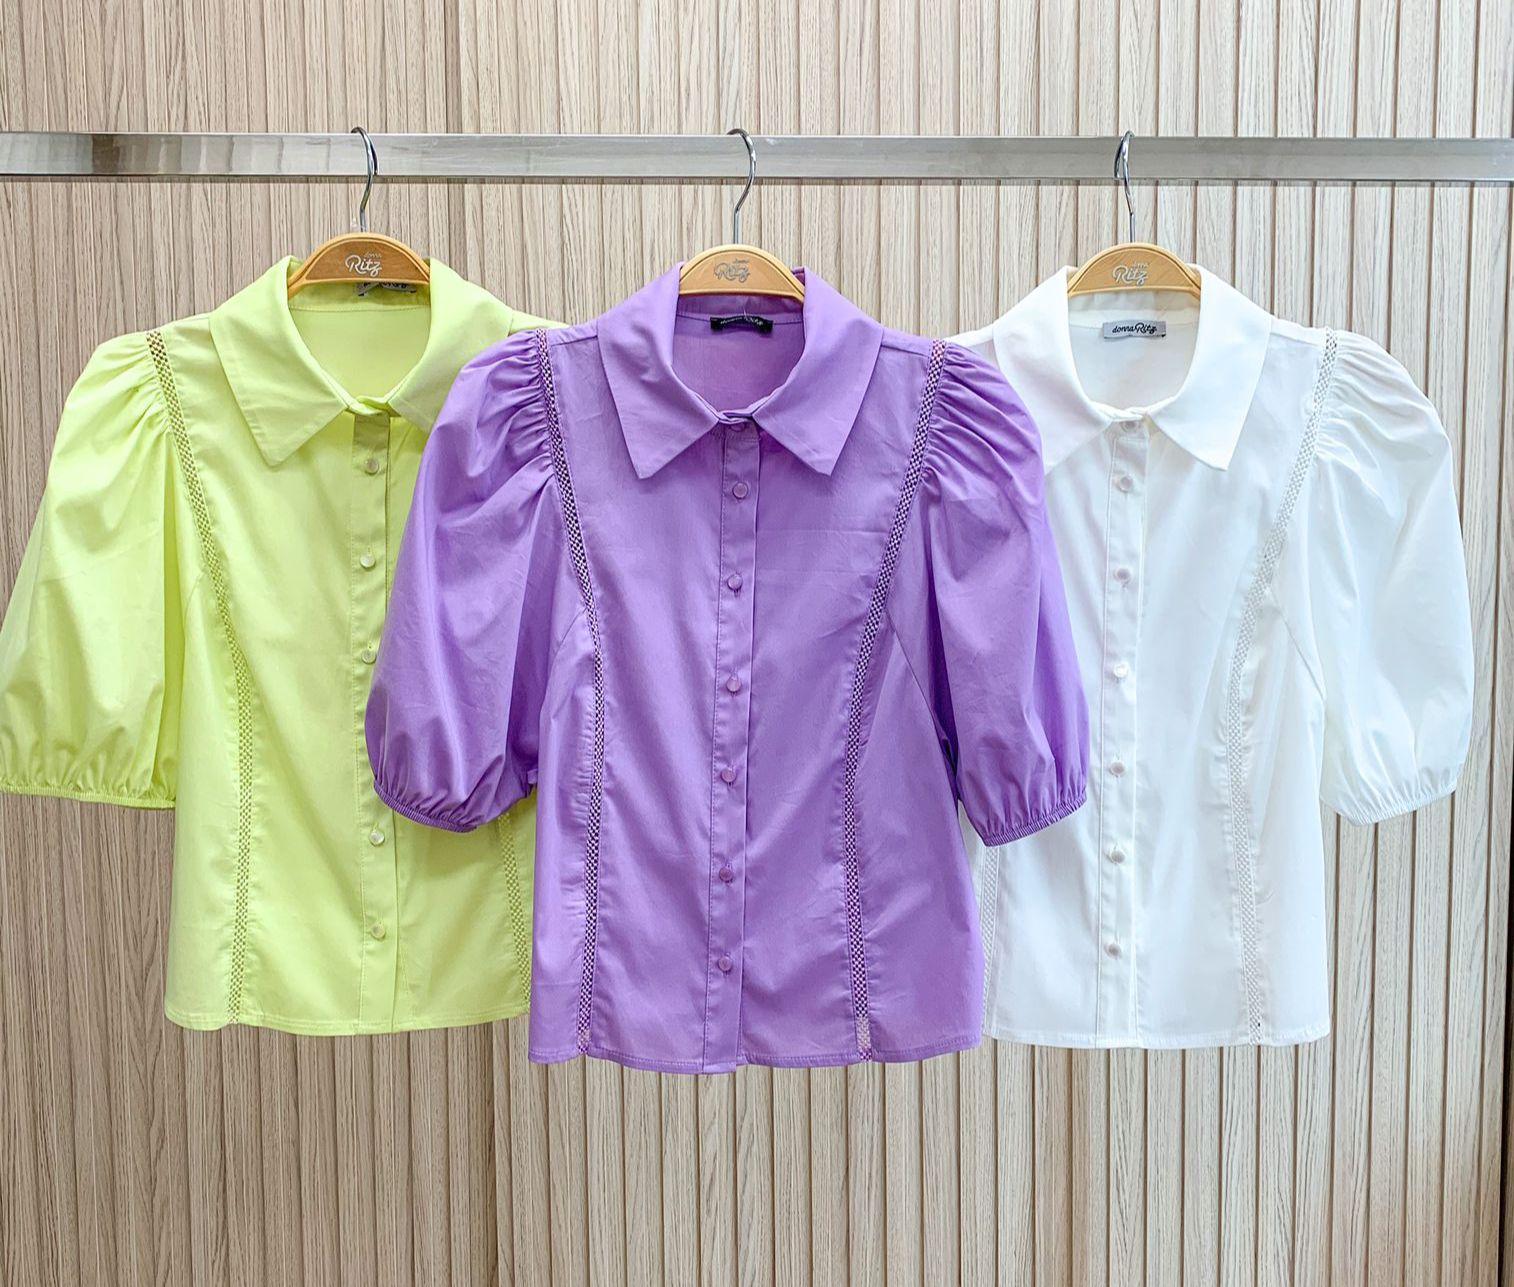 Camisa Virginia  Tricoline Detalhe Entremeios Botões Perolados 4% Elastano